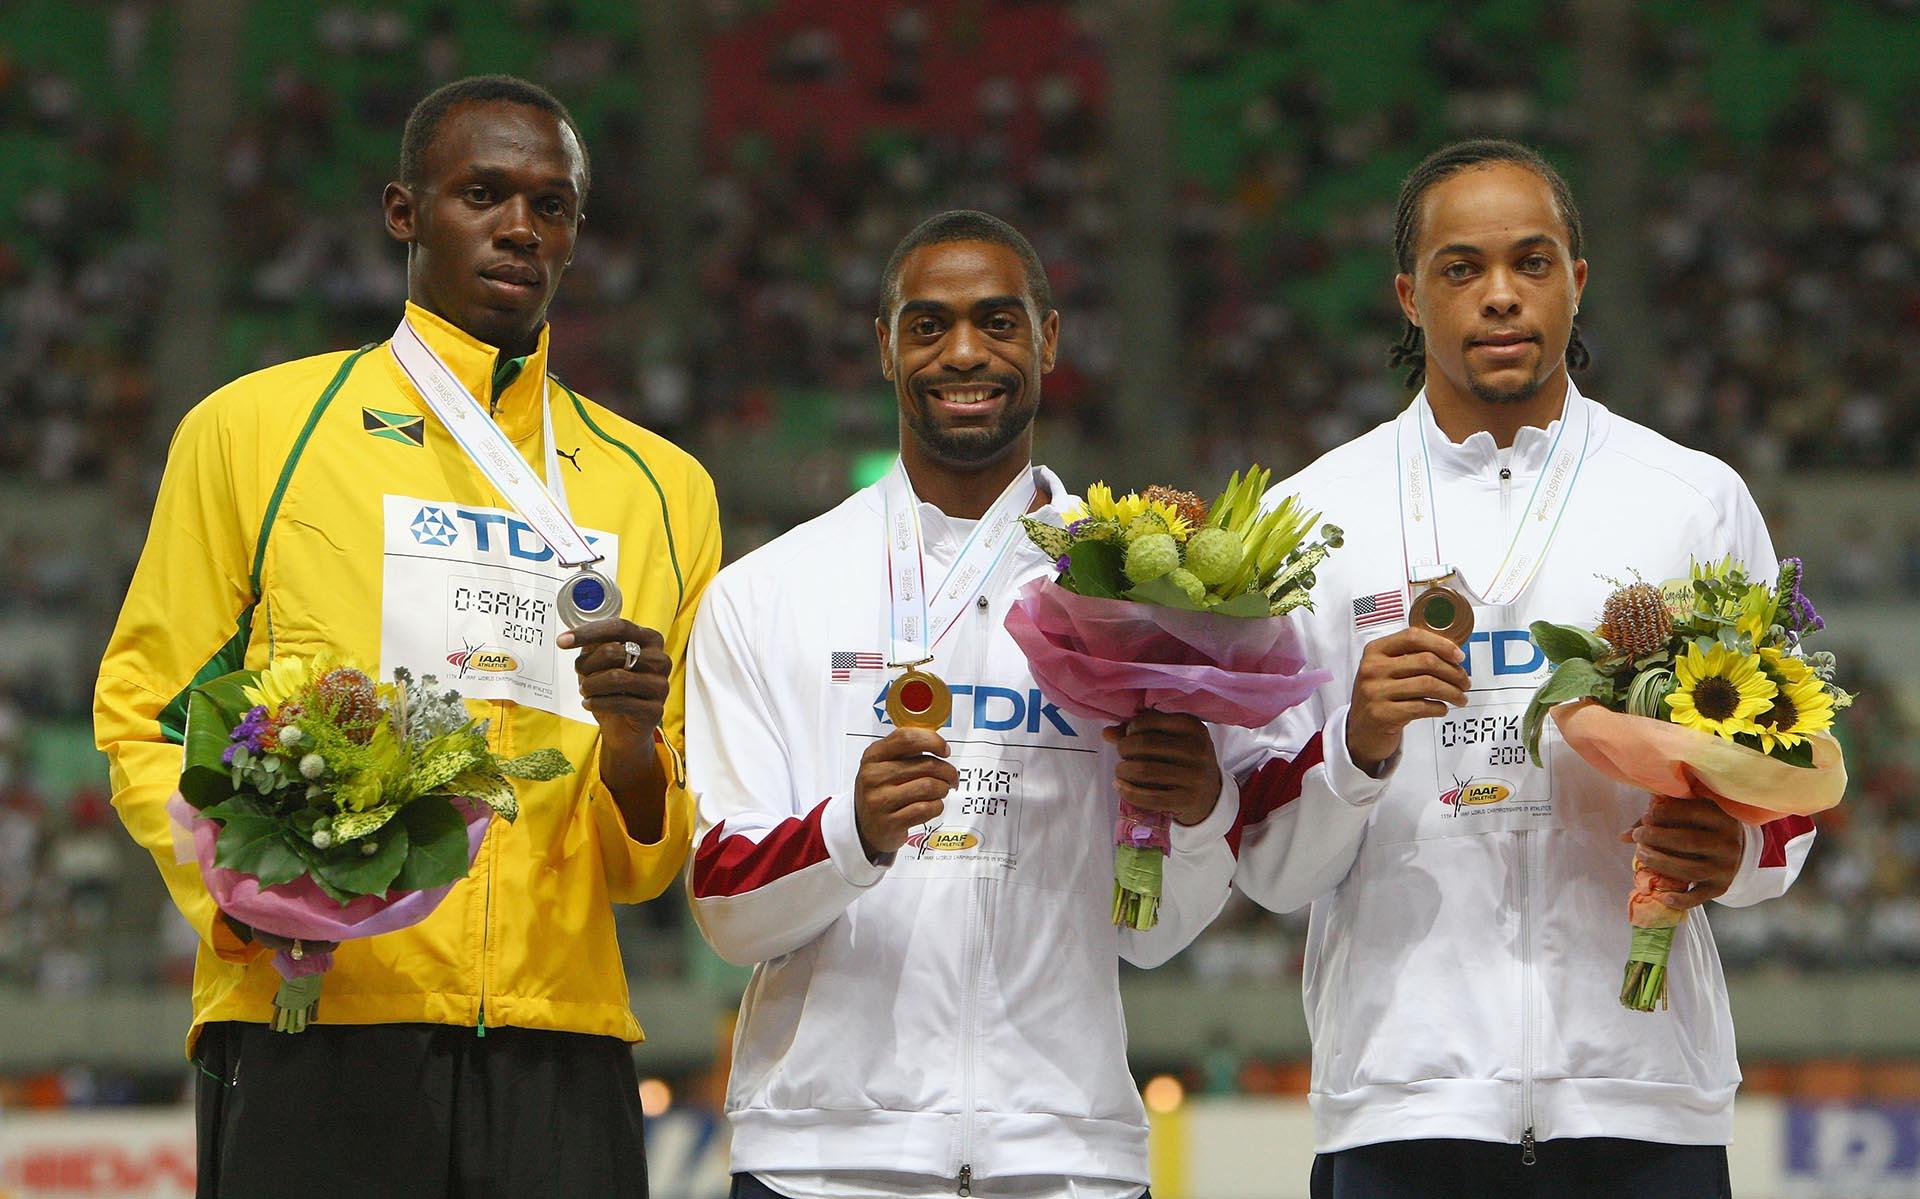 En el Mundial de Osaka 2007, el jamaiquino Usain Bolt terminó segundopor detrás de Tyson Gay en la final de los200 metros (Getty Images)